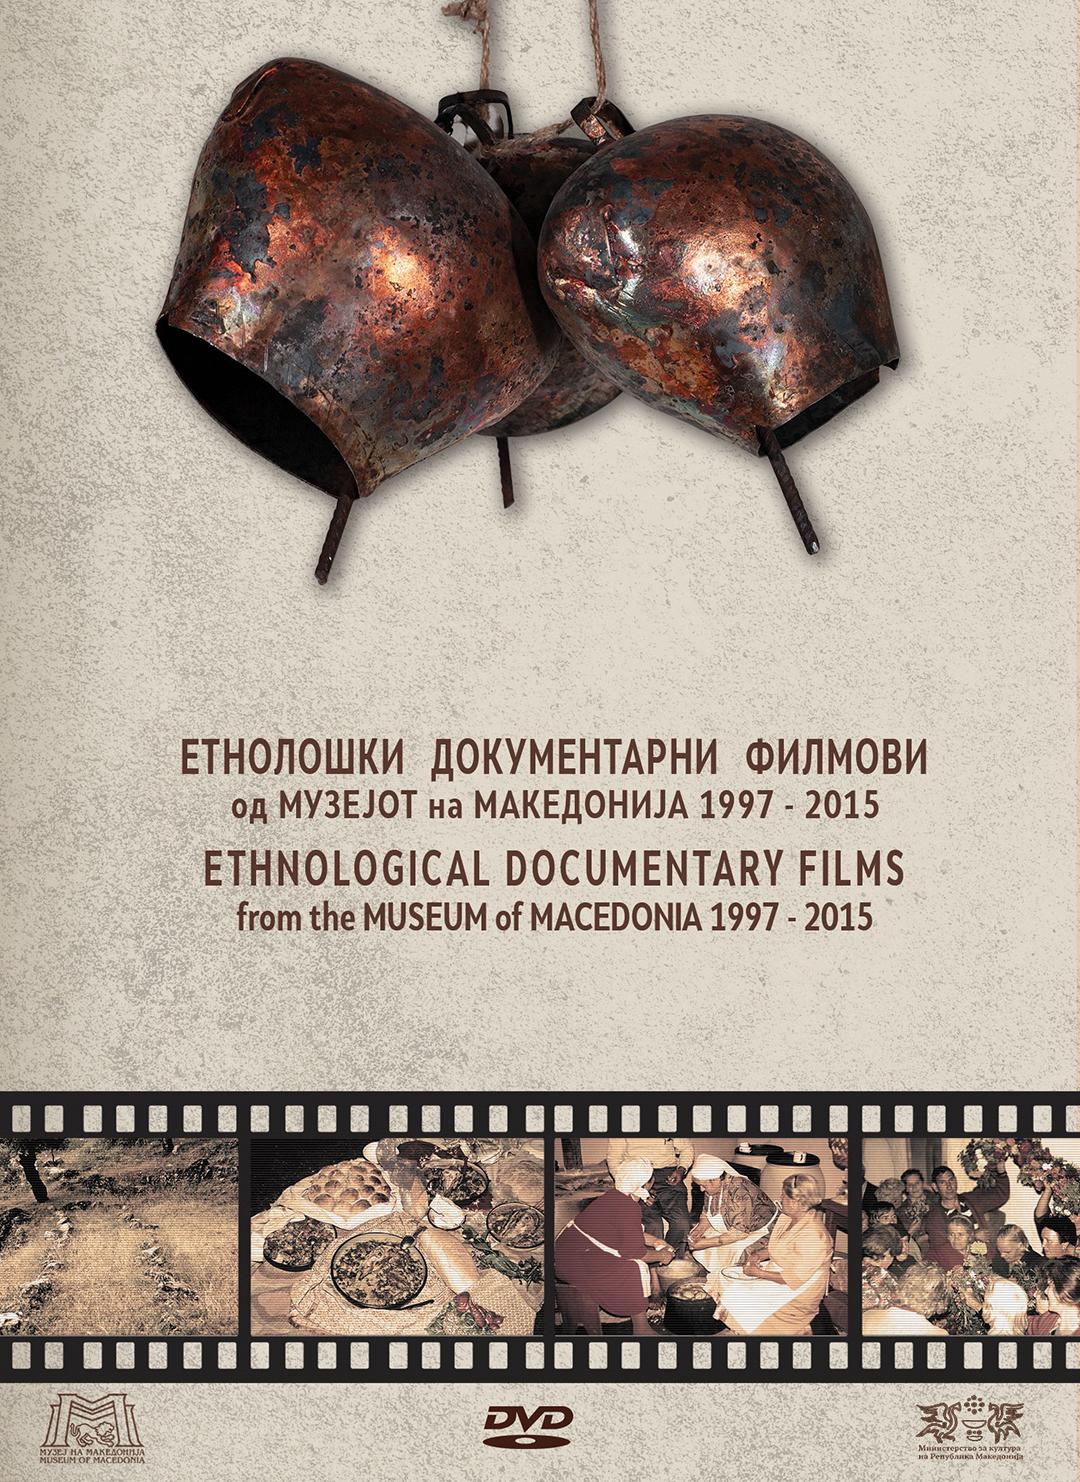 Интервју со Владимир Боцев, етнолог